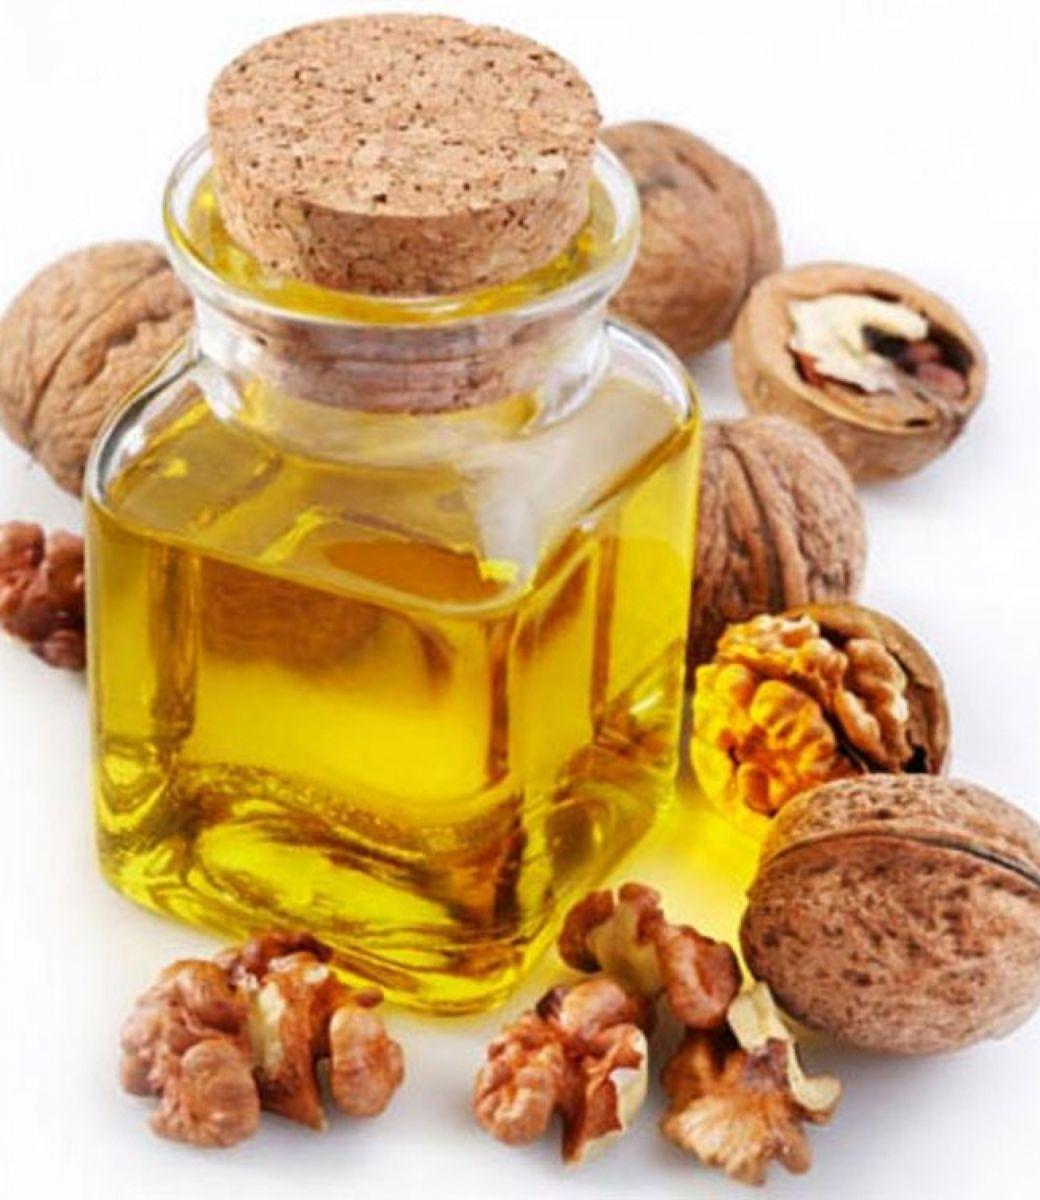 Масло грецкого ореха для похудения и оздоровления